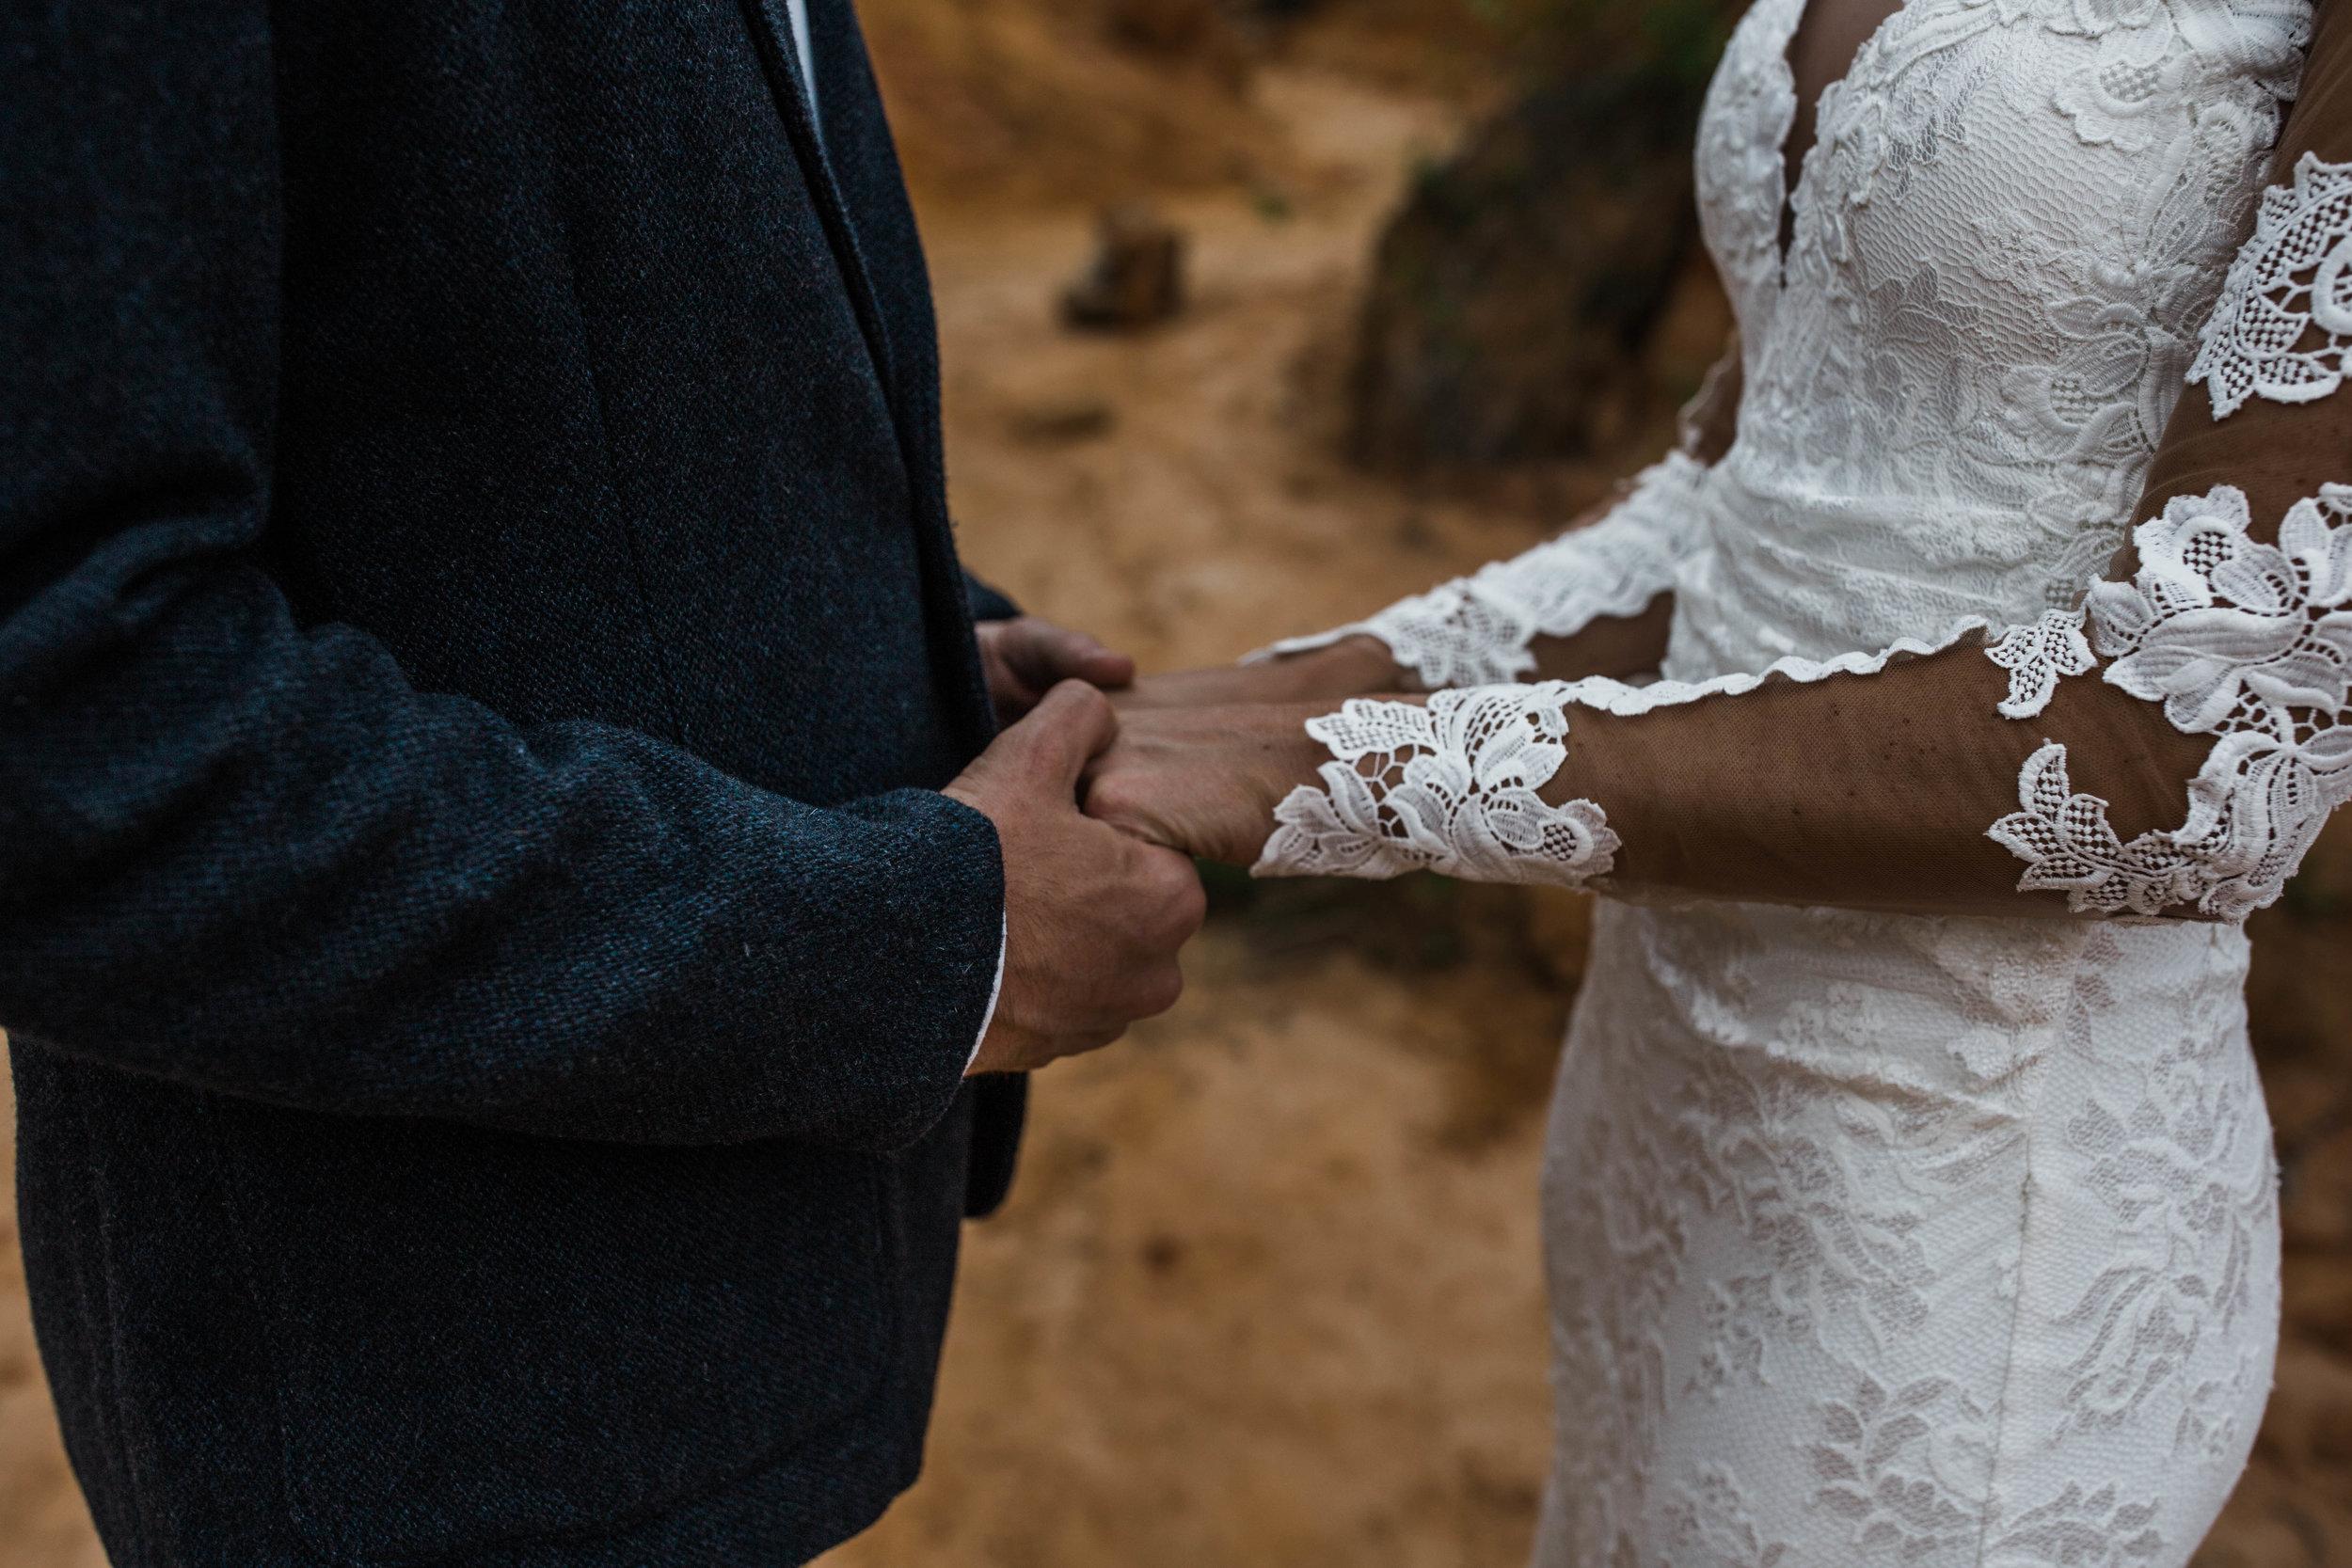 Vow exchange. Beautiful elopement in Pensacola FL